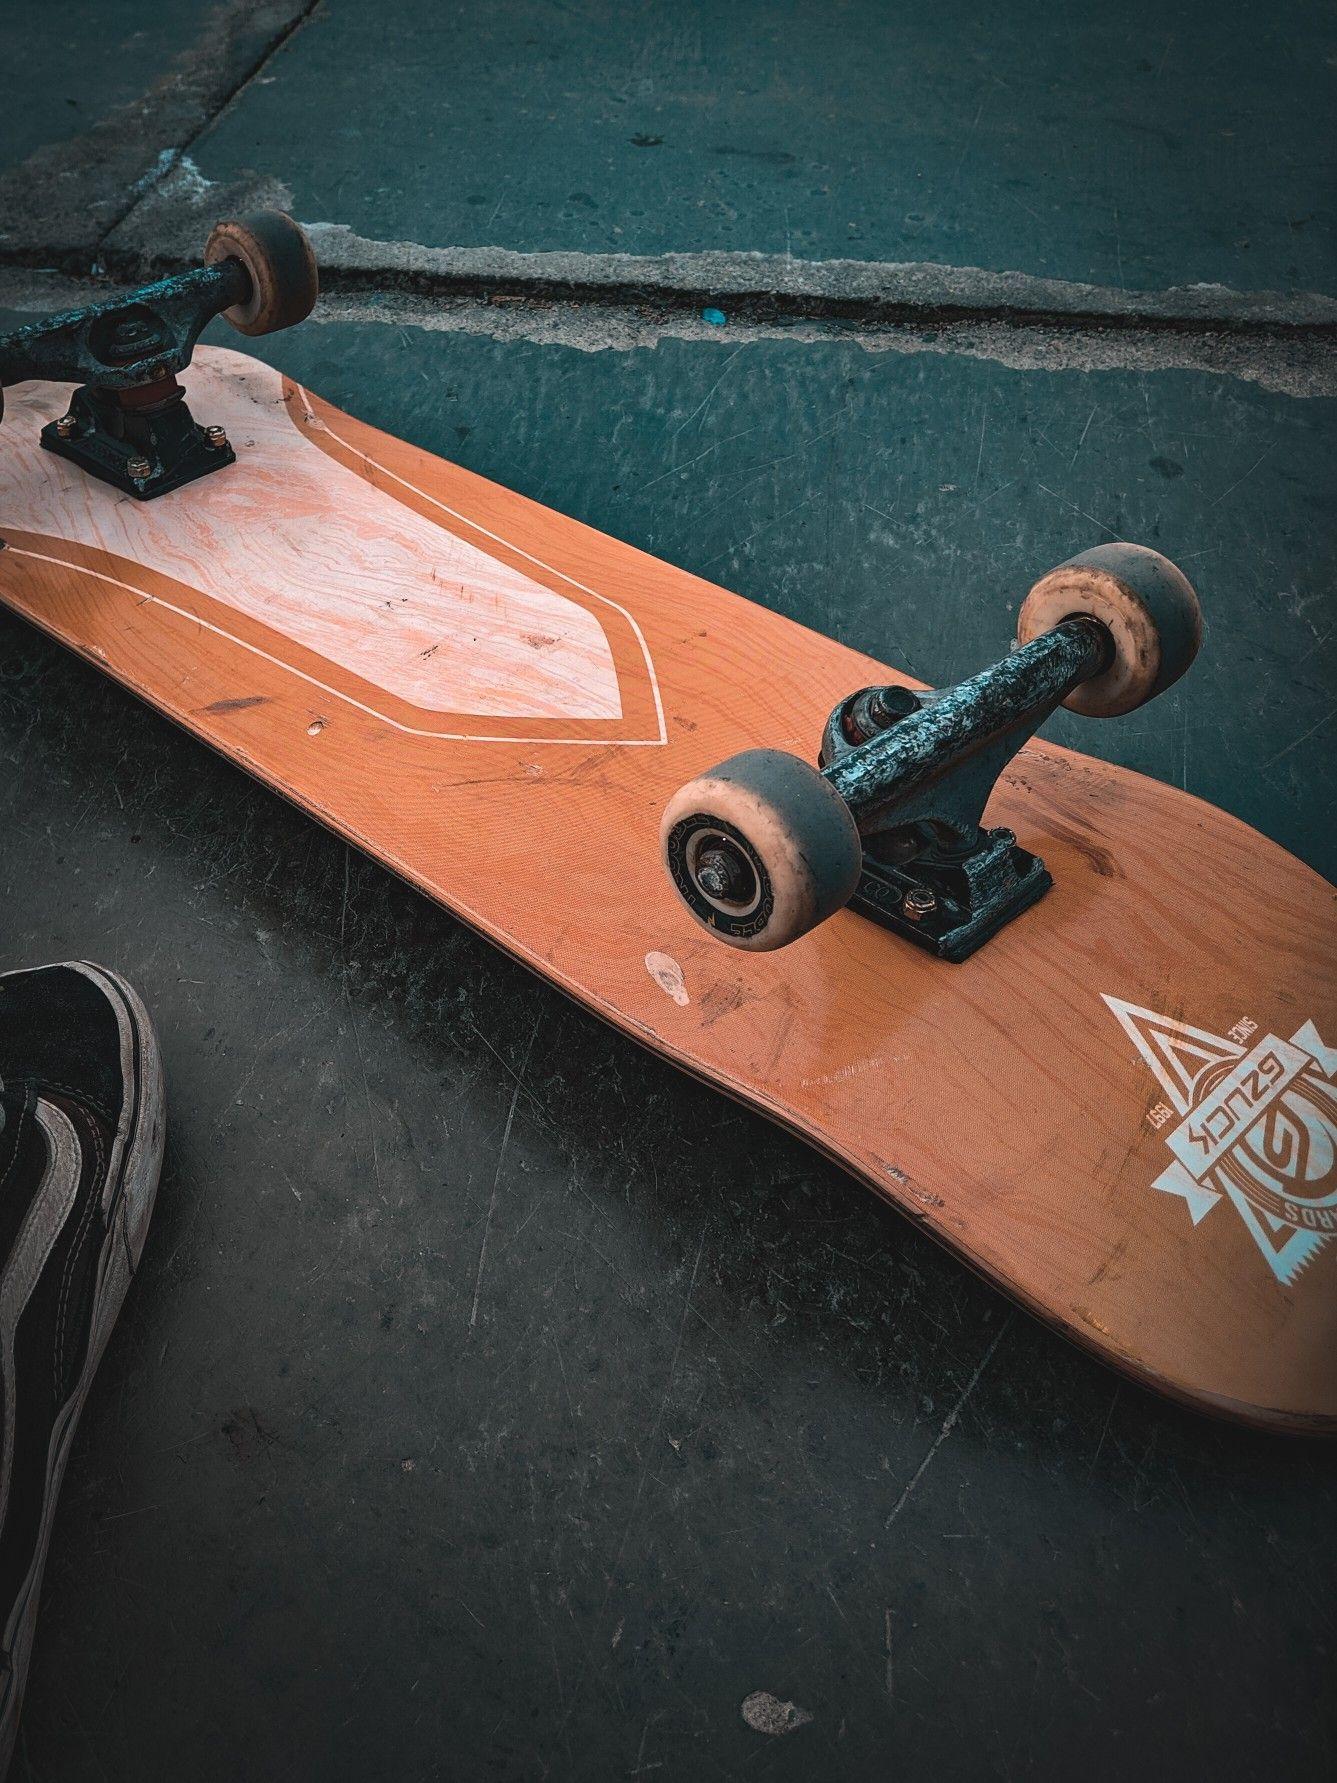 Skate Lightroom Tumblr tumblr